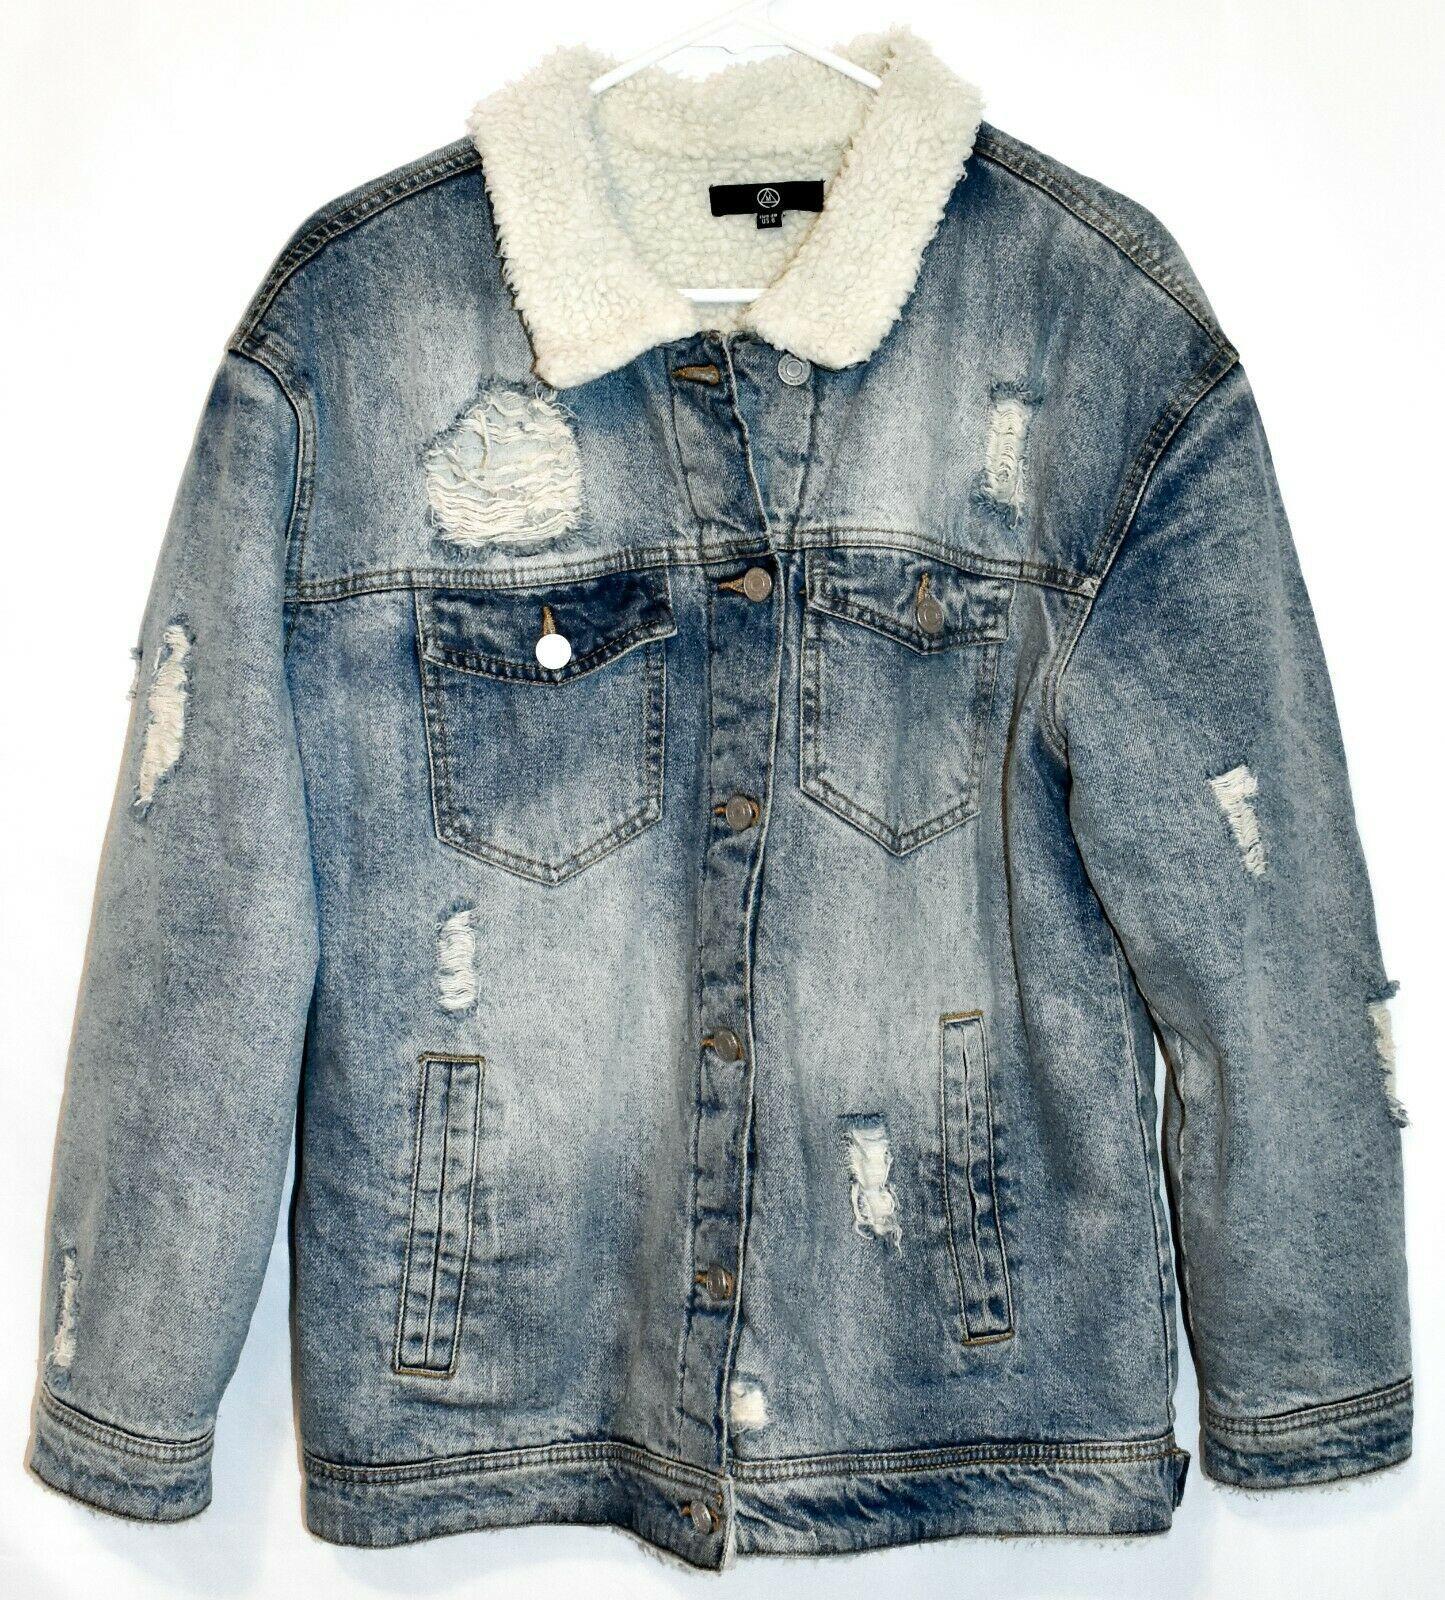 Missguided Women's Distressed Denim Fleece Lined Heavy Winter Coat Size 6